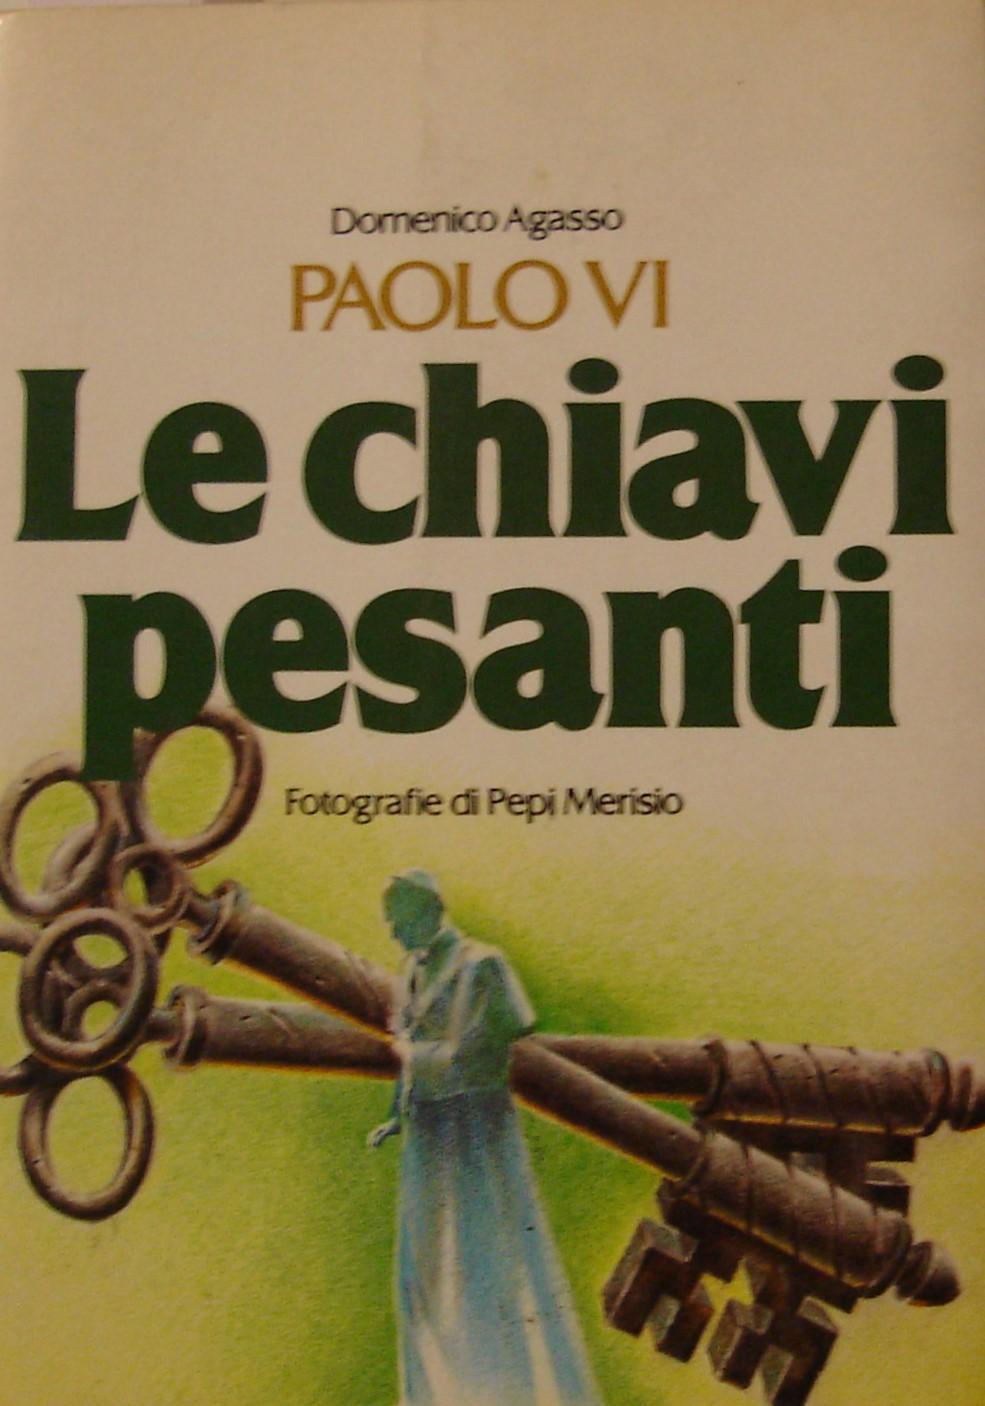 Libreria Per Libri Pesanti paolo vi : le chiavi pesanti